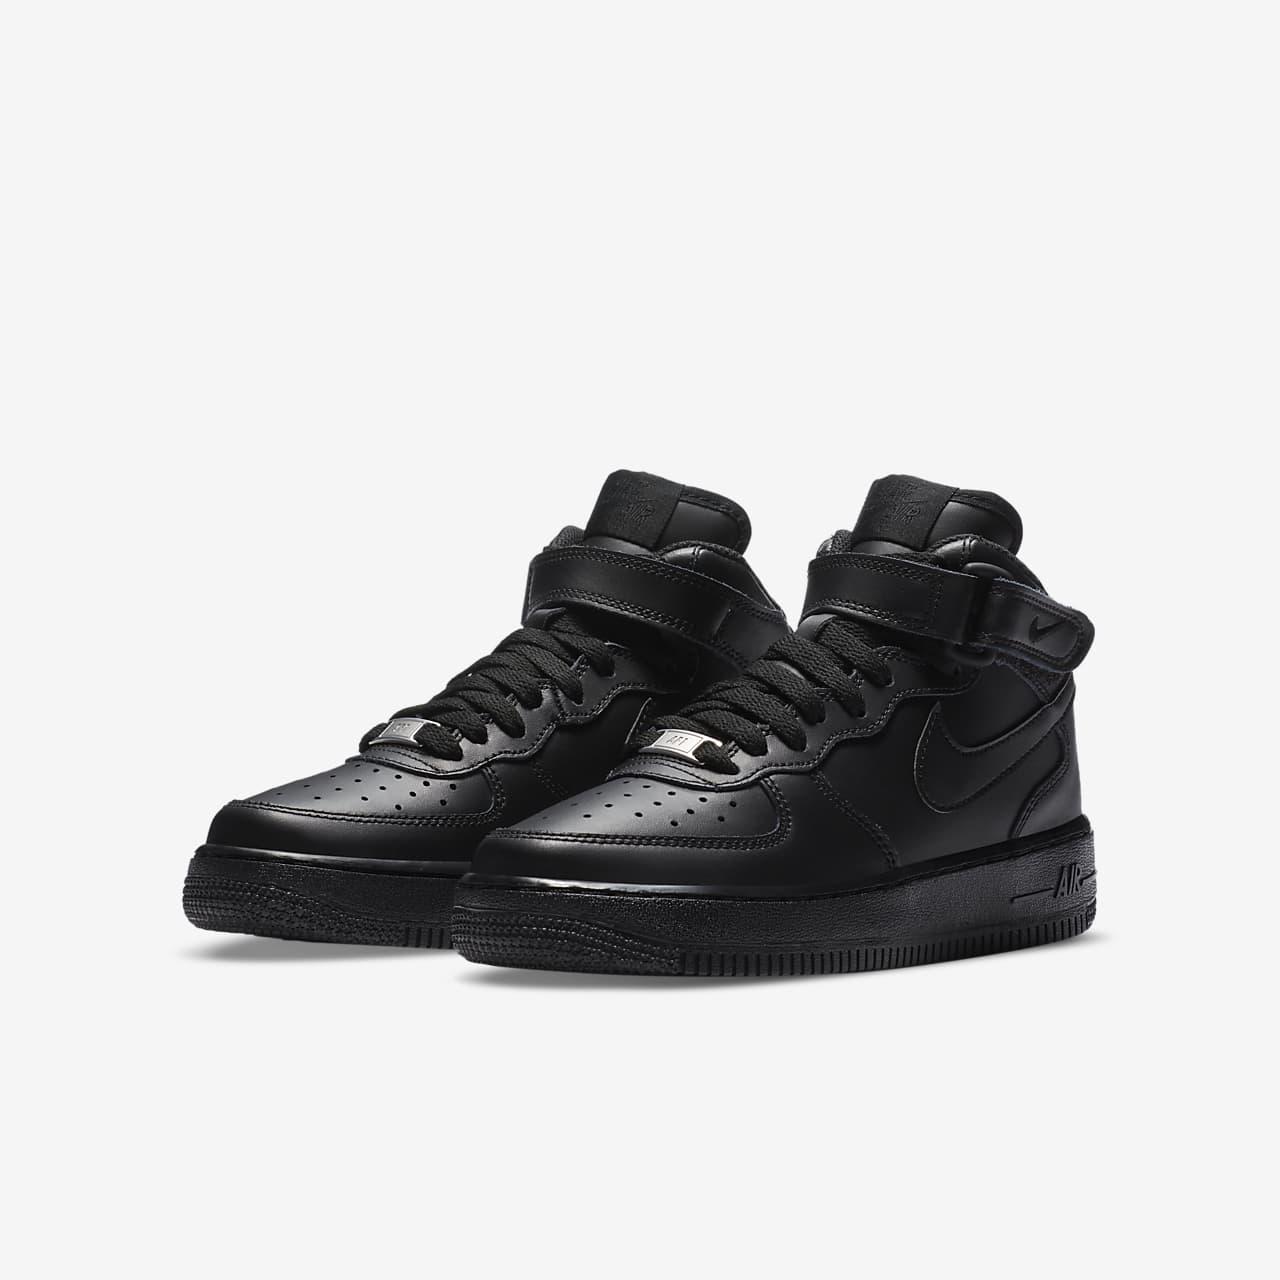 quality design ce678 26840 Nike Air Force 1 Mid 06-sko til store børn. Nike.com DK